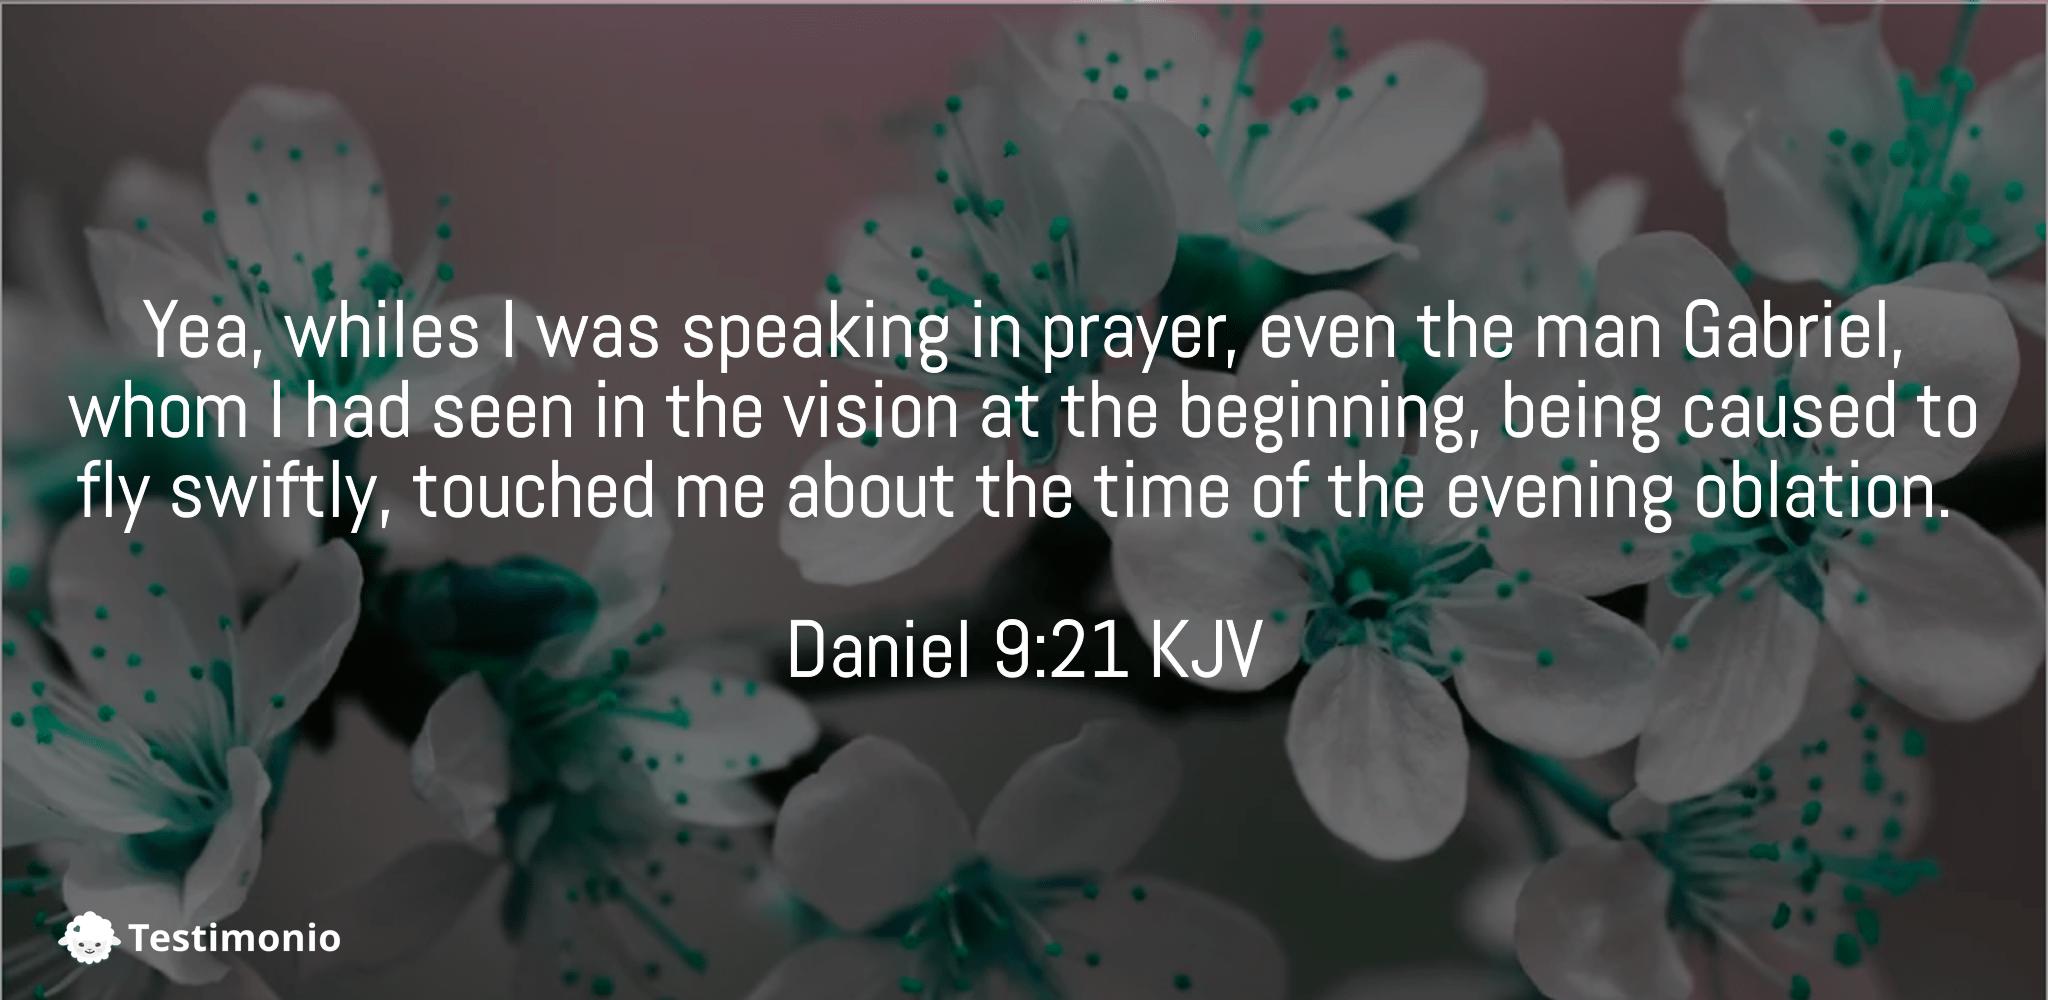 Daniel 9:21